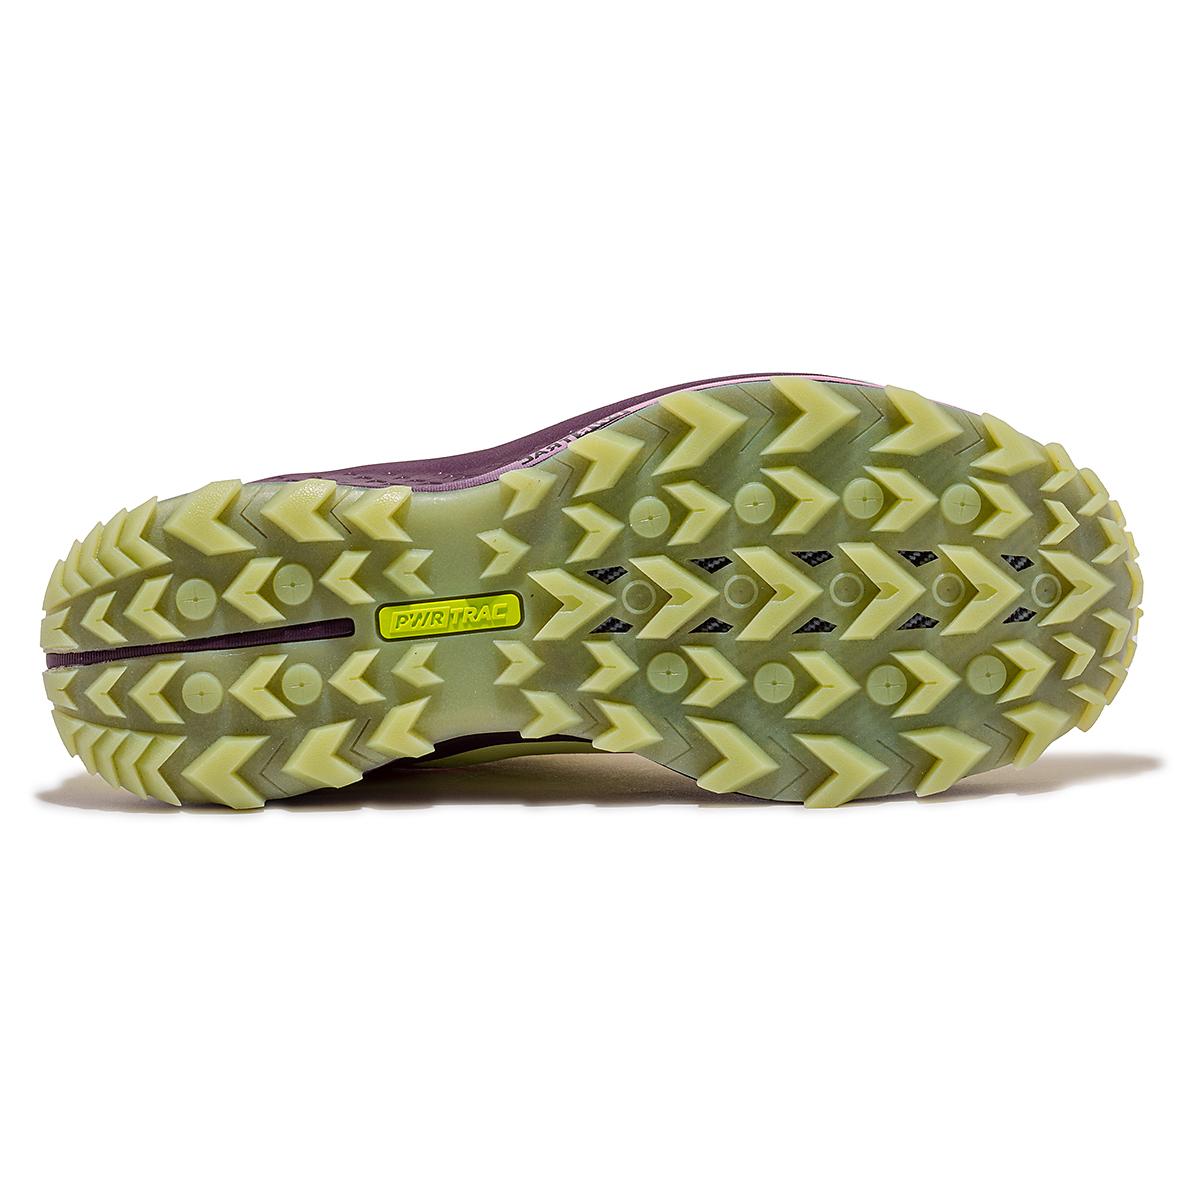 Women's Saucony Jackalope 2.0 Peregrine 10 Trail Running Shoe - Color: Jackalope - Size: 5 - Width: Regular, Jackalope, large, image 3